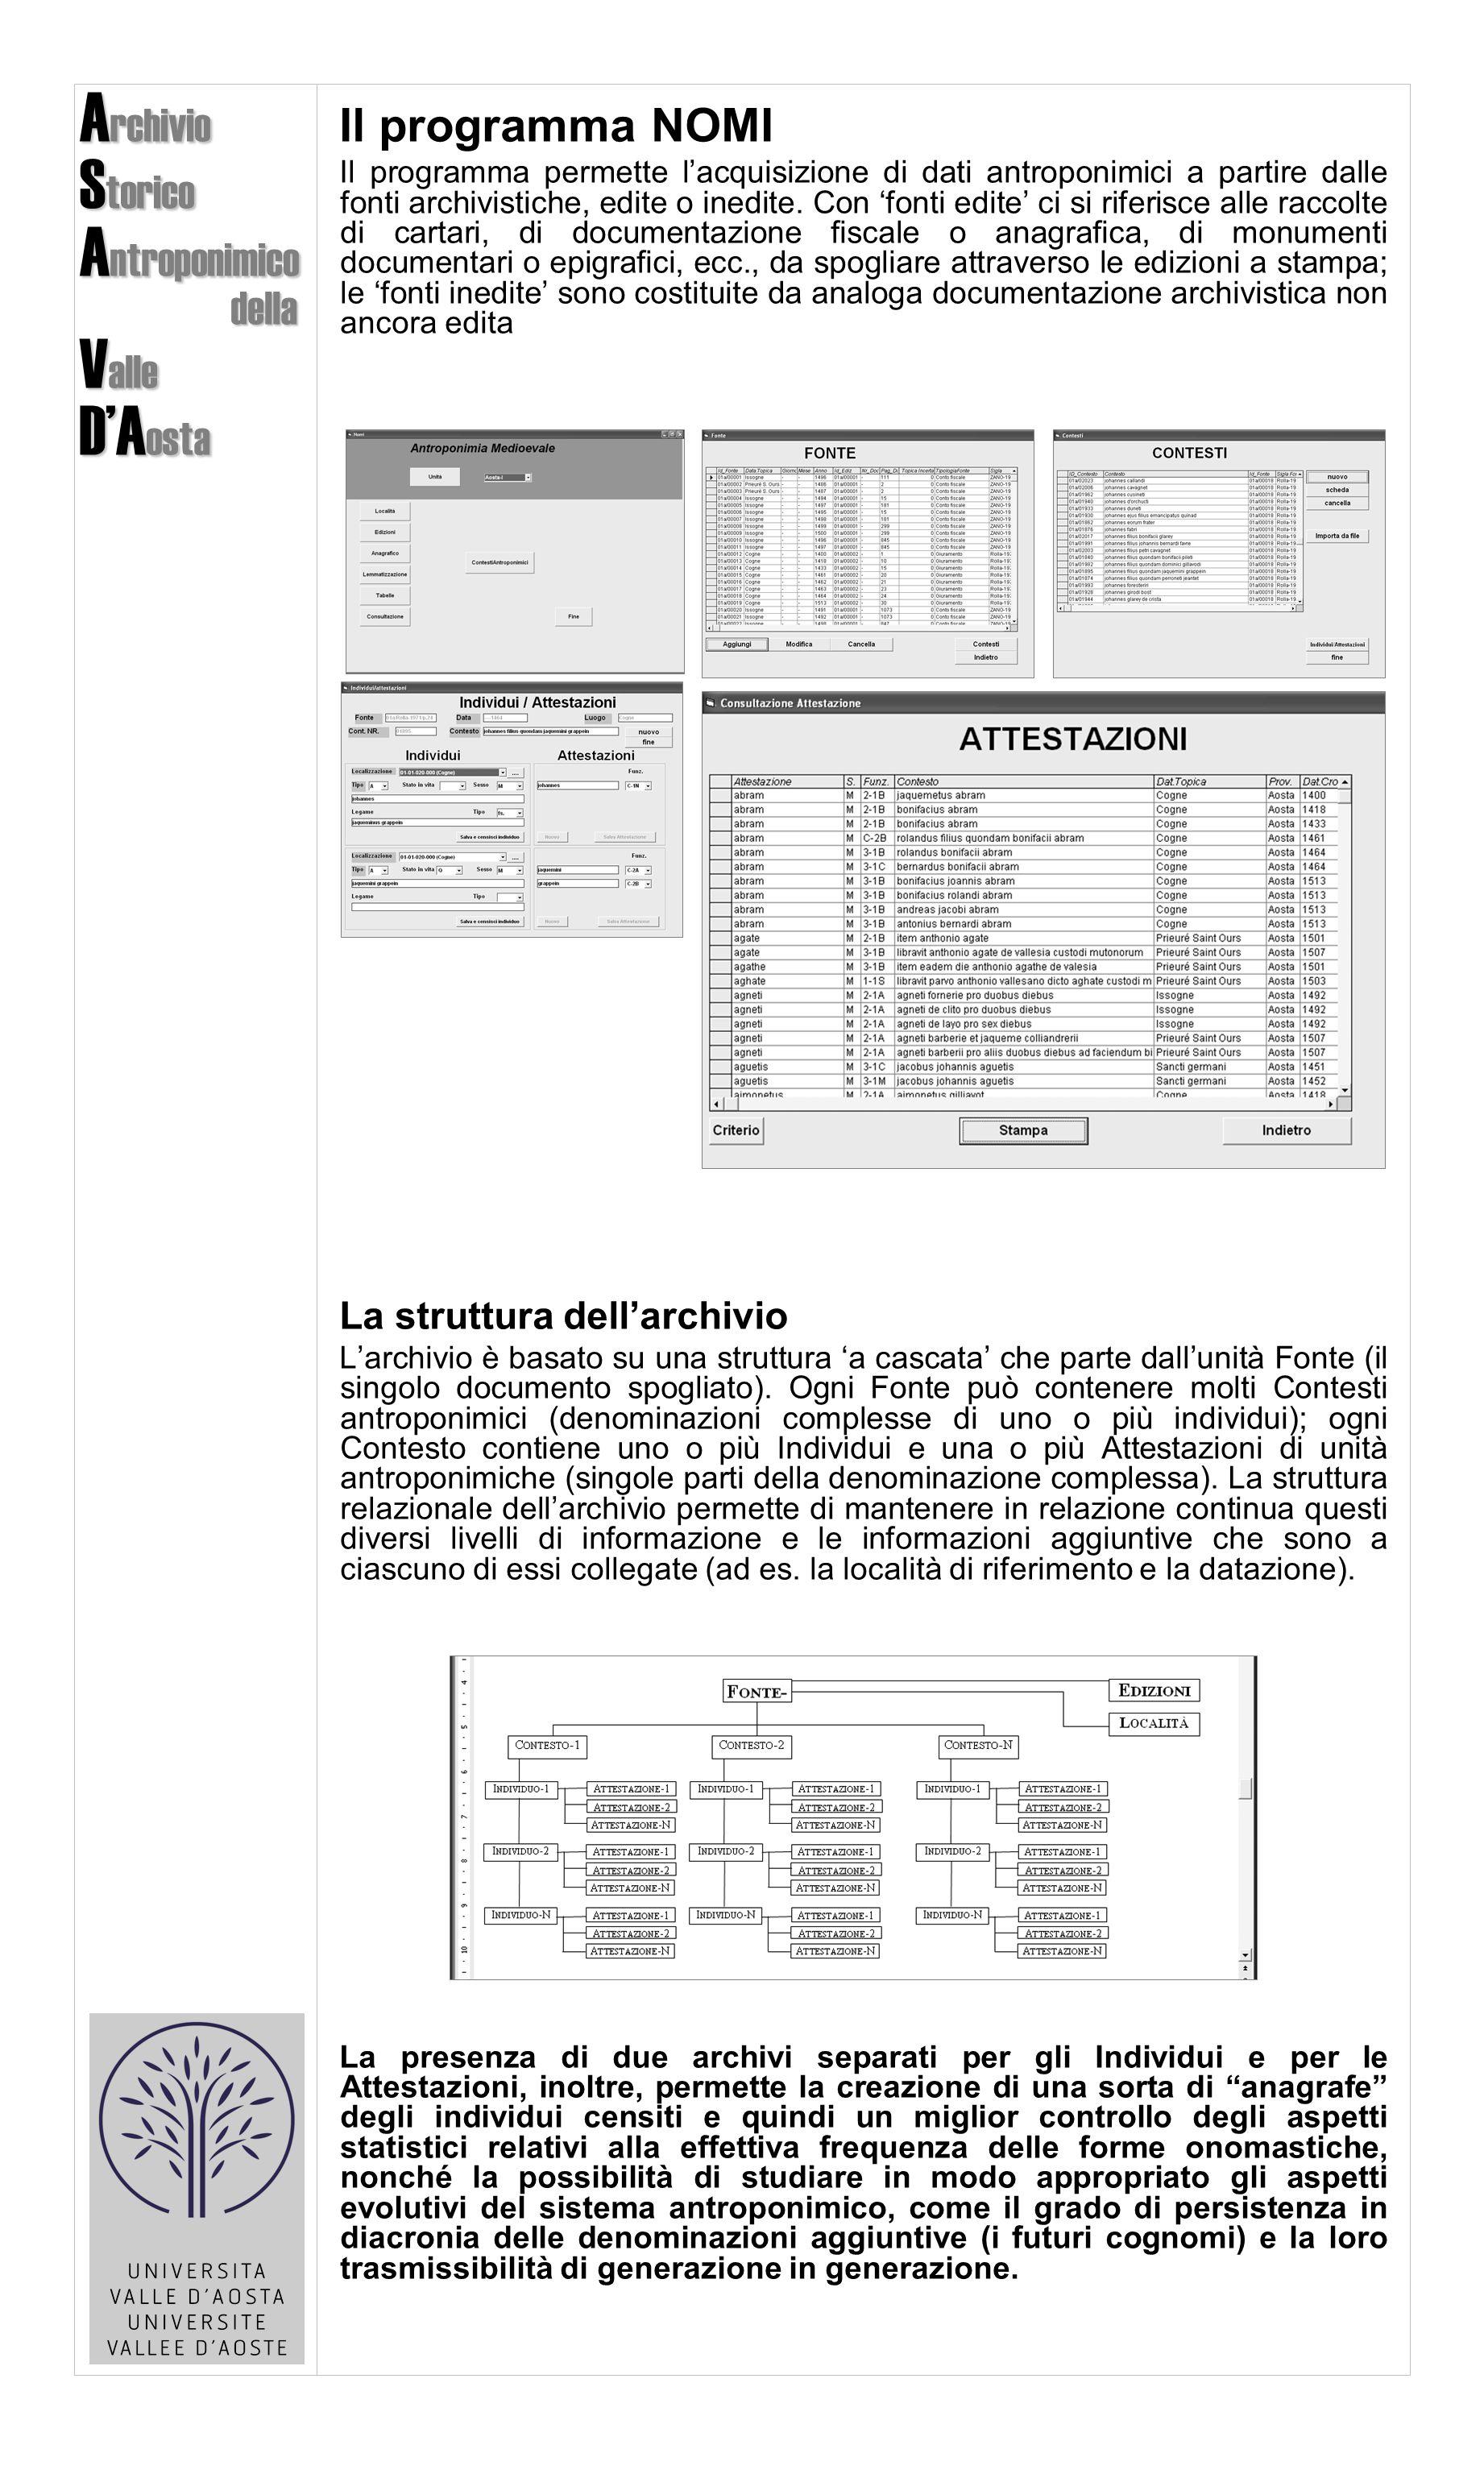 Archivio Storico Antroponimico Valle D'Aosta Il programma NOMI della